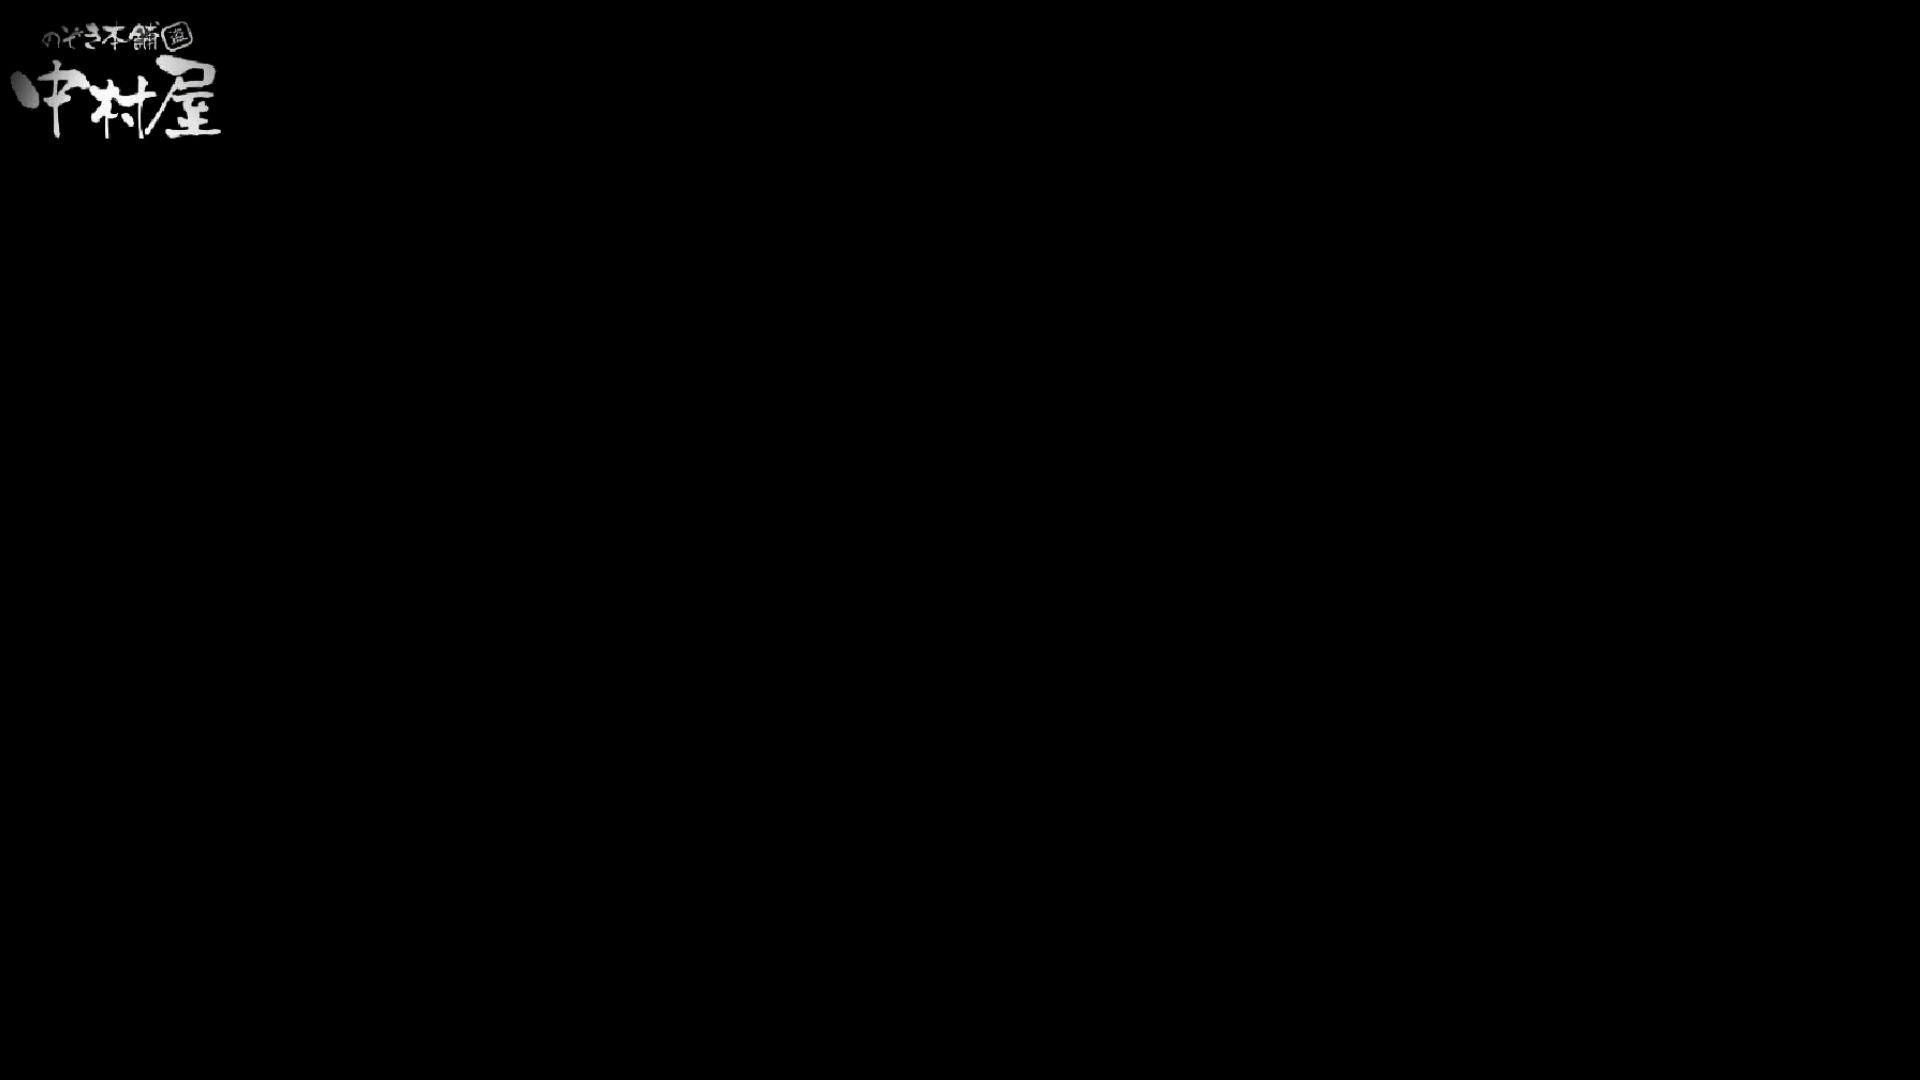 雅さんが厳選新年特別コンテンツ!激走!東京マラソン選手専用女子トイレvol.9 女子トイレ編 盗み撮り動画 105PIX 14